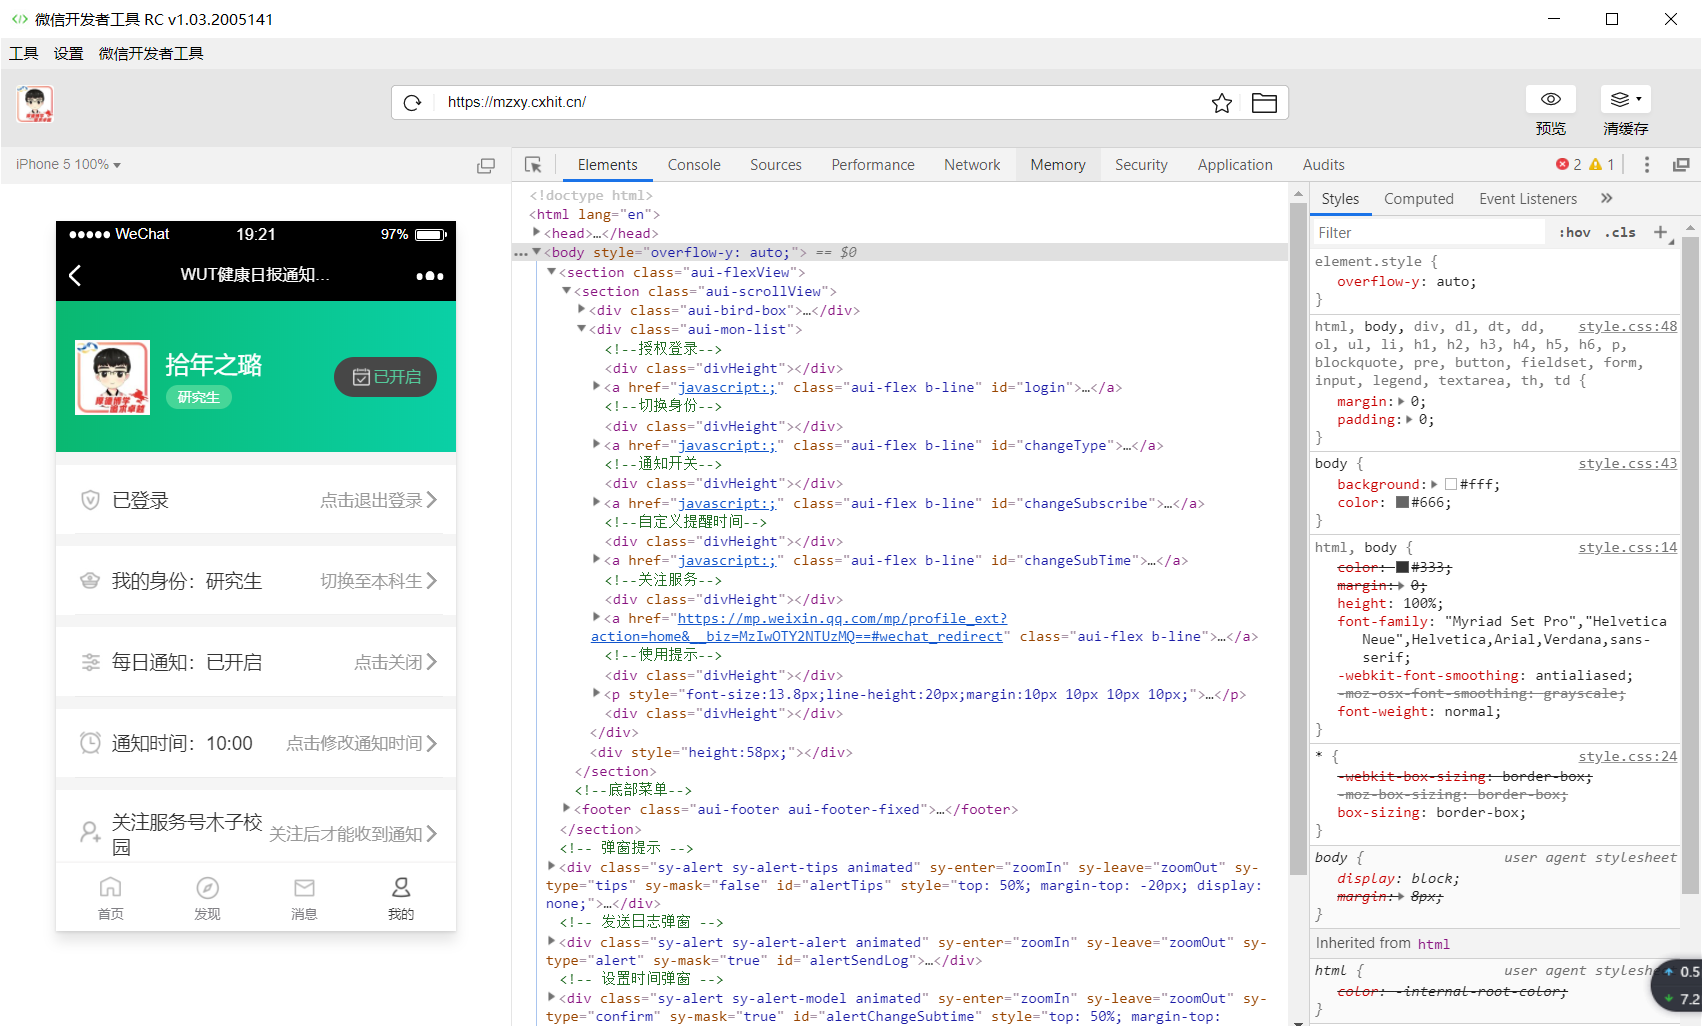 图:微信开发者工具截图